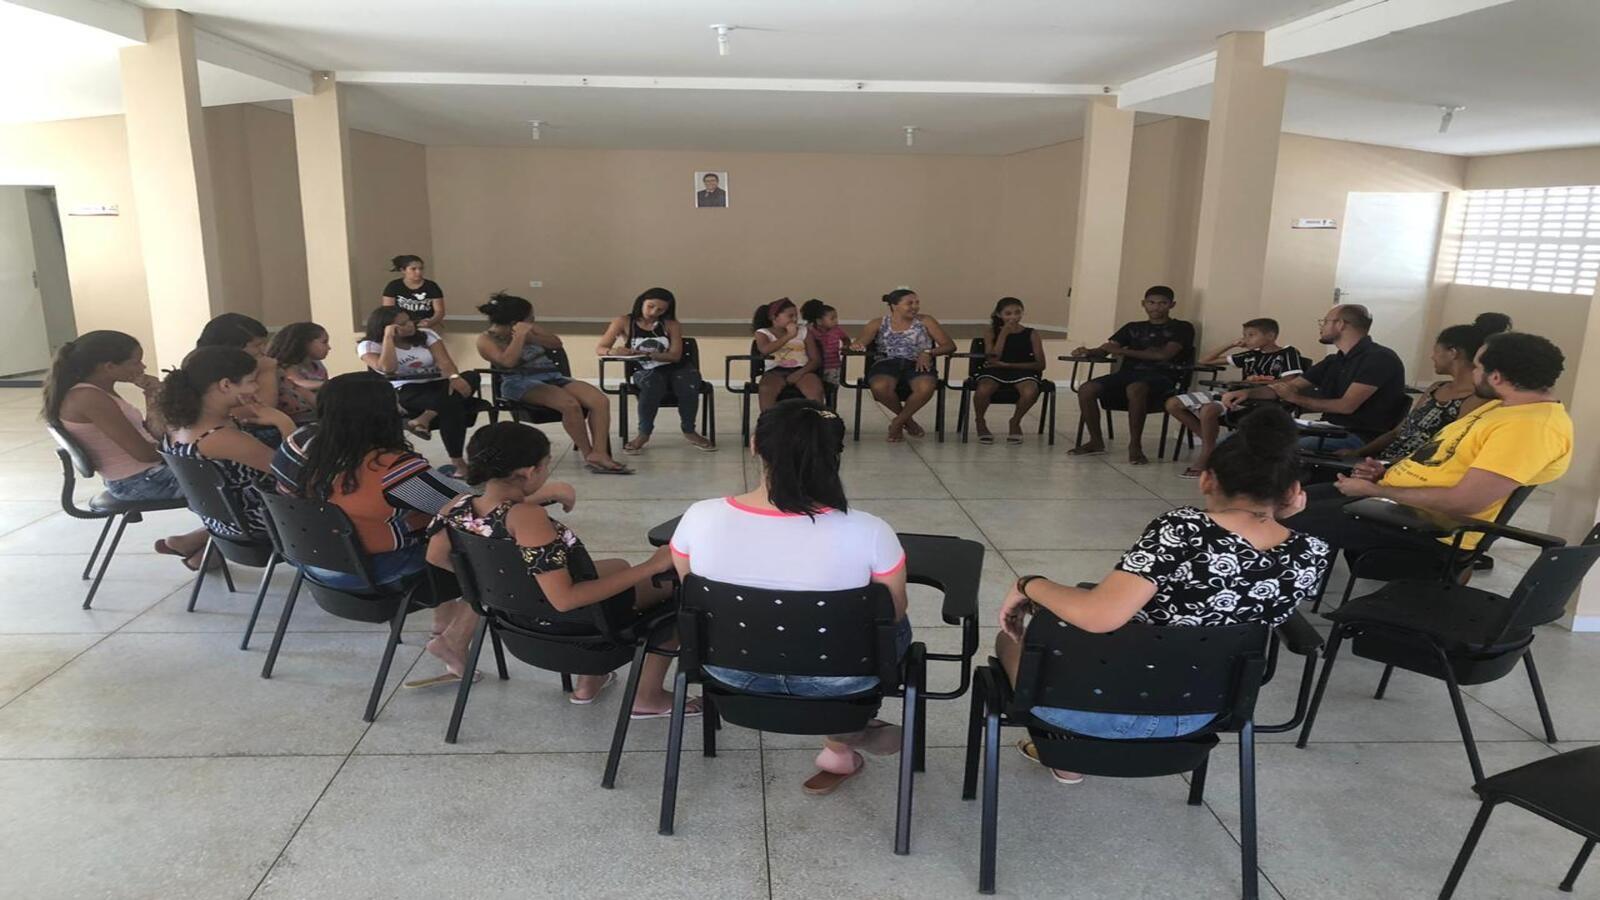 Prefeitura implanta oito cineclubes com filmes e debates   - Notícias - Plantão Diário